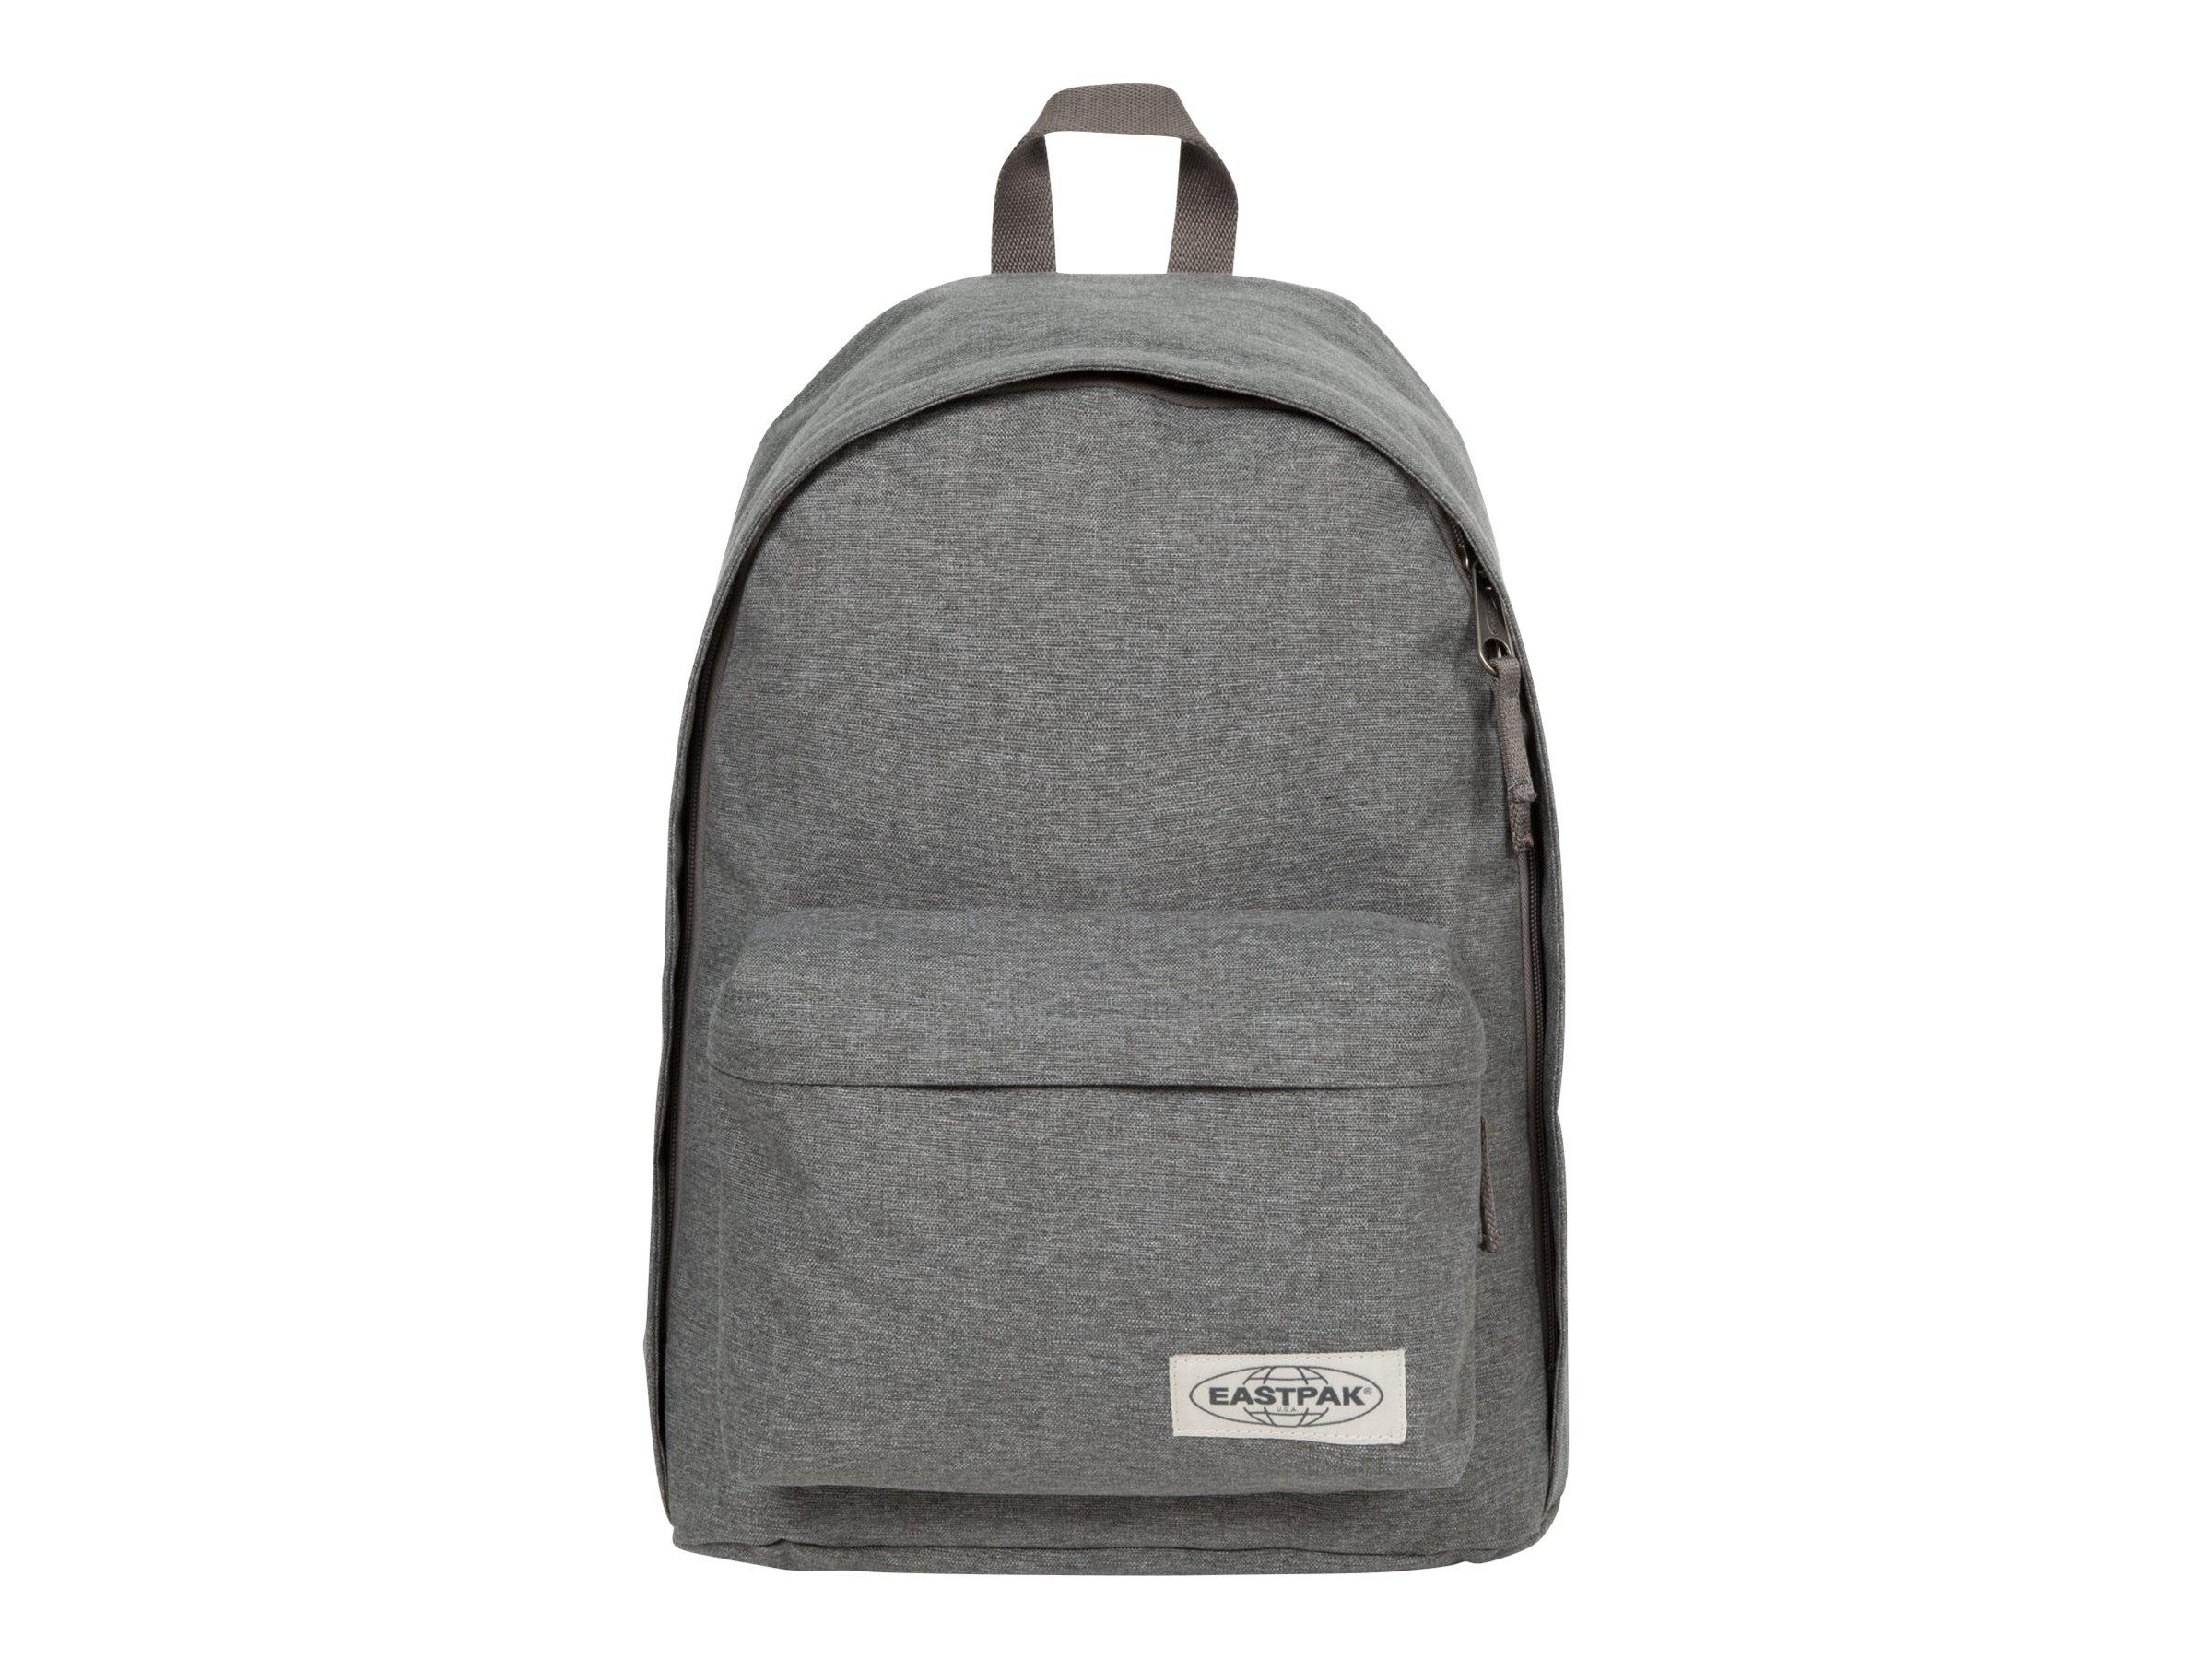 EASTPAK Out Of Office - Sac à dos muted grey avec compartiment pour ordinateur portable